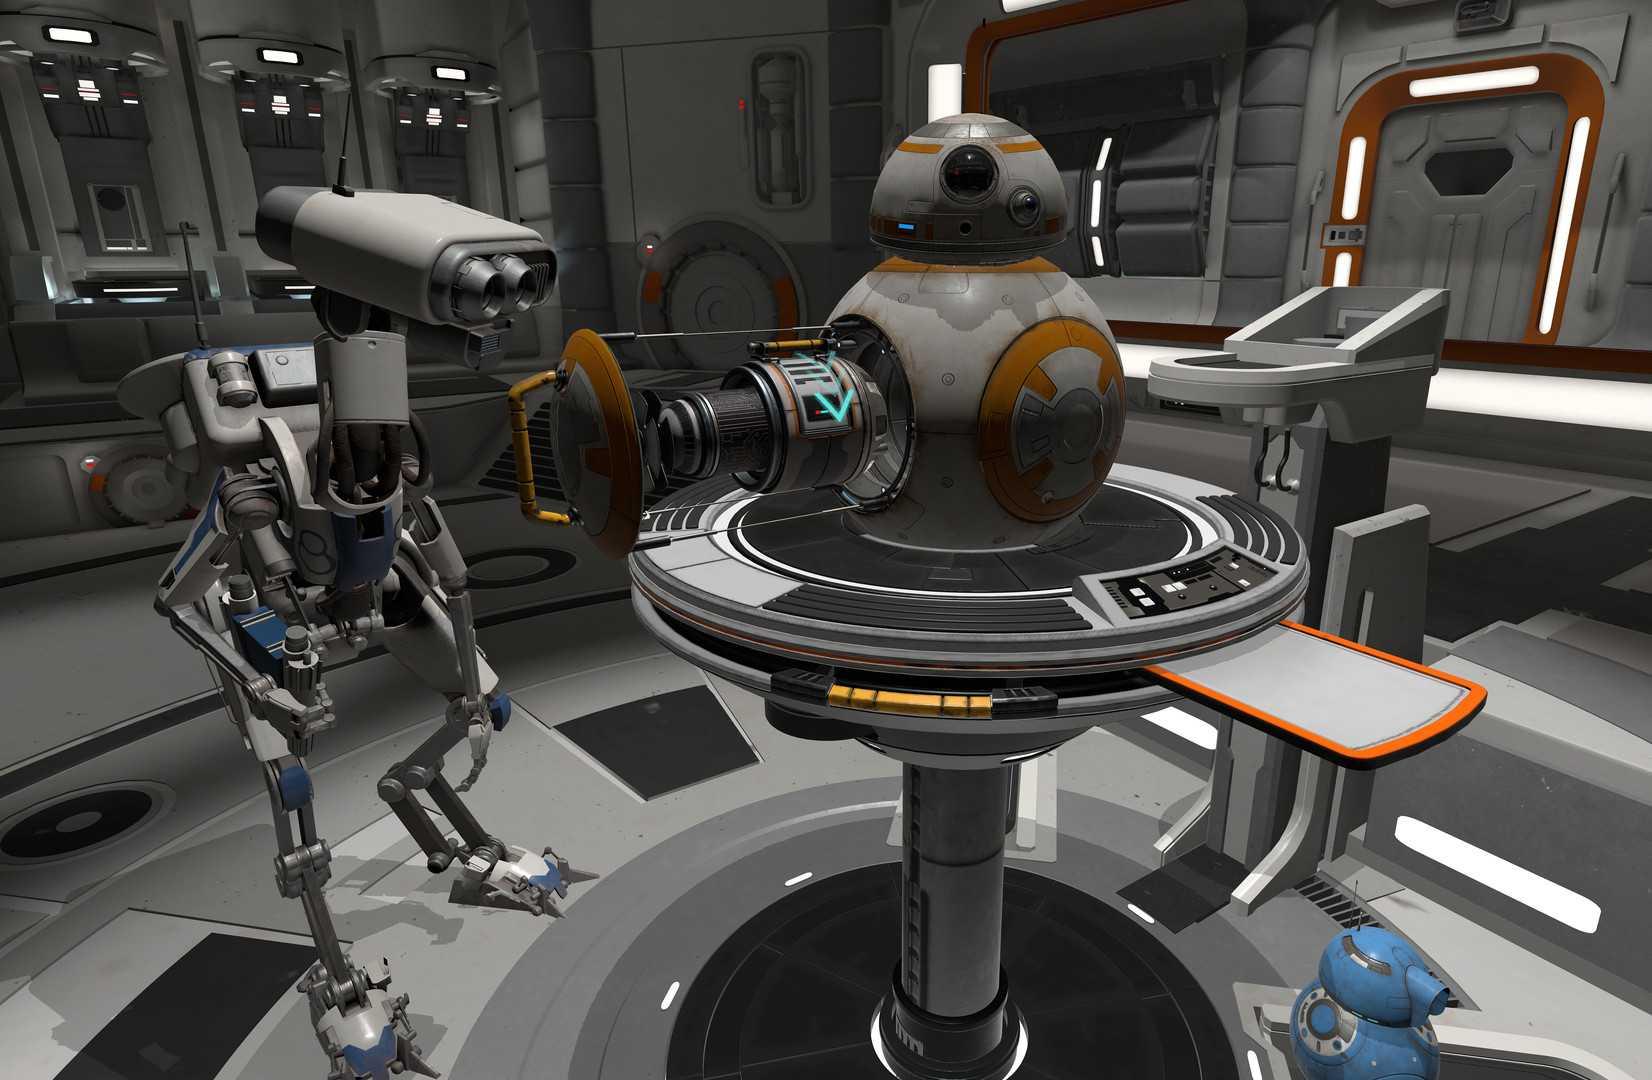 VR app: Star Wars droids repair bay